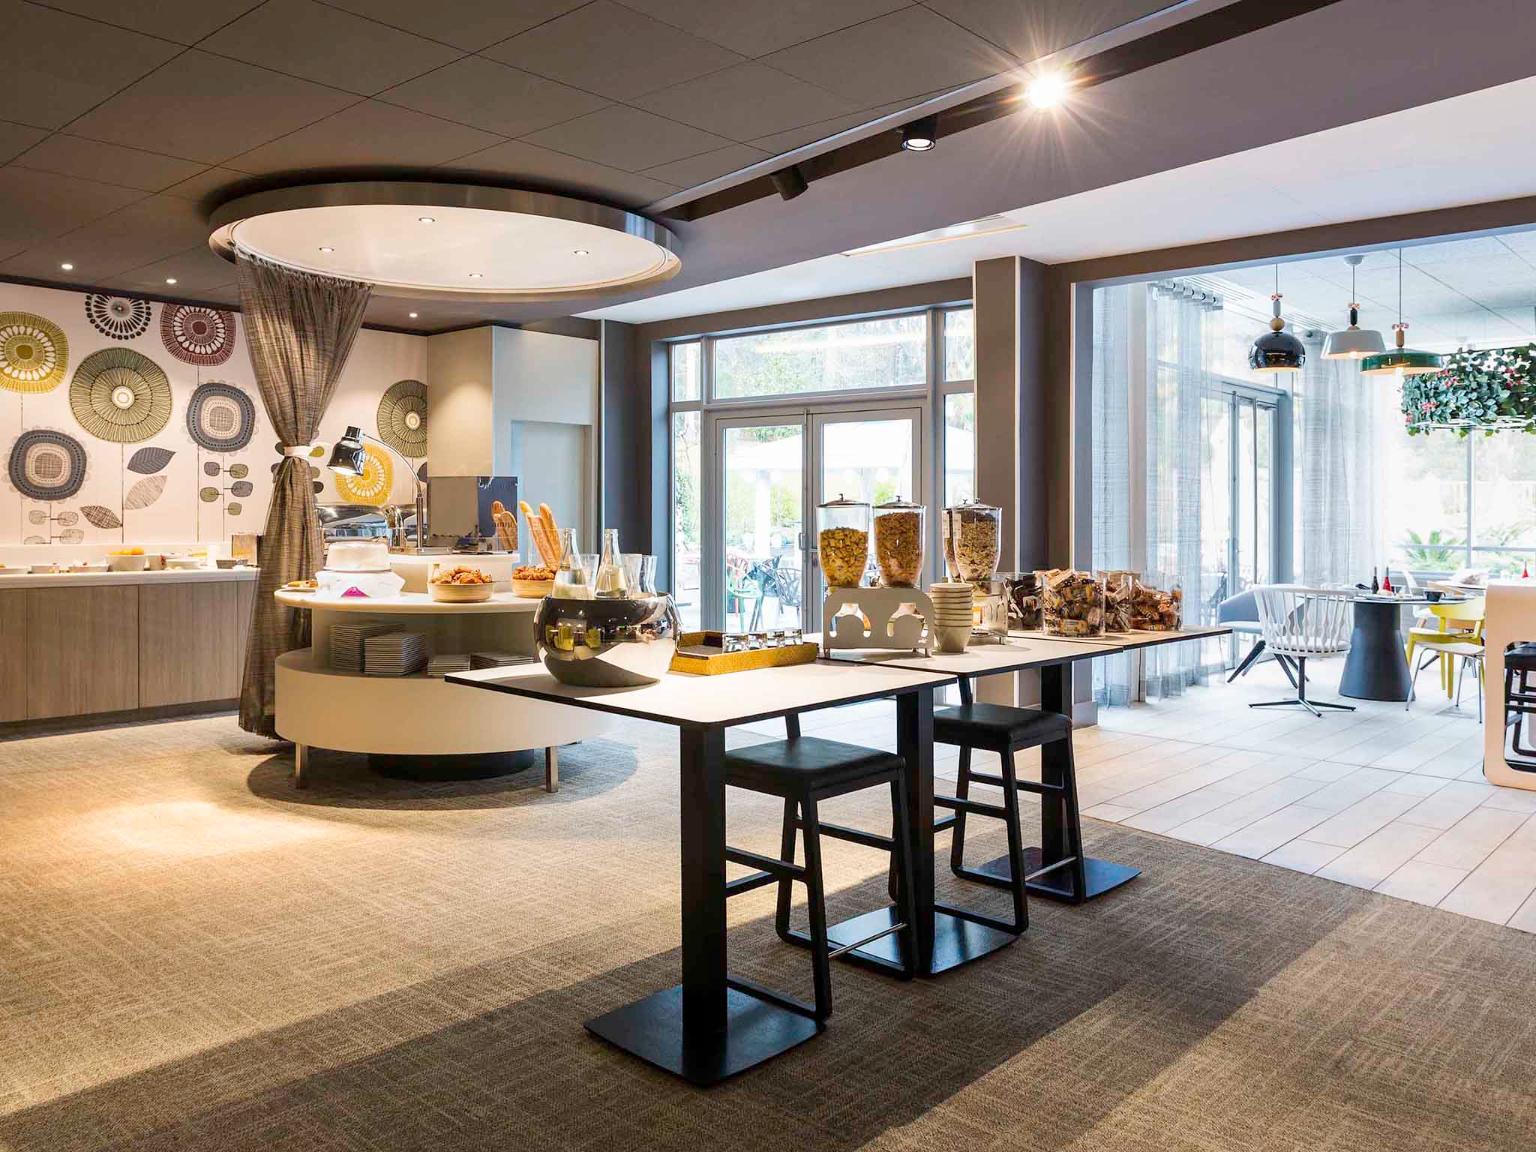 novotel resort spa biarritz anglet h tel 68 avenue d 39 espagne 64600 anglet adresse horaire. Black Bedroom Furniture Sets. Home Design Ideas